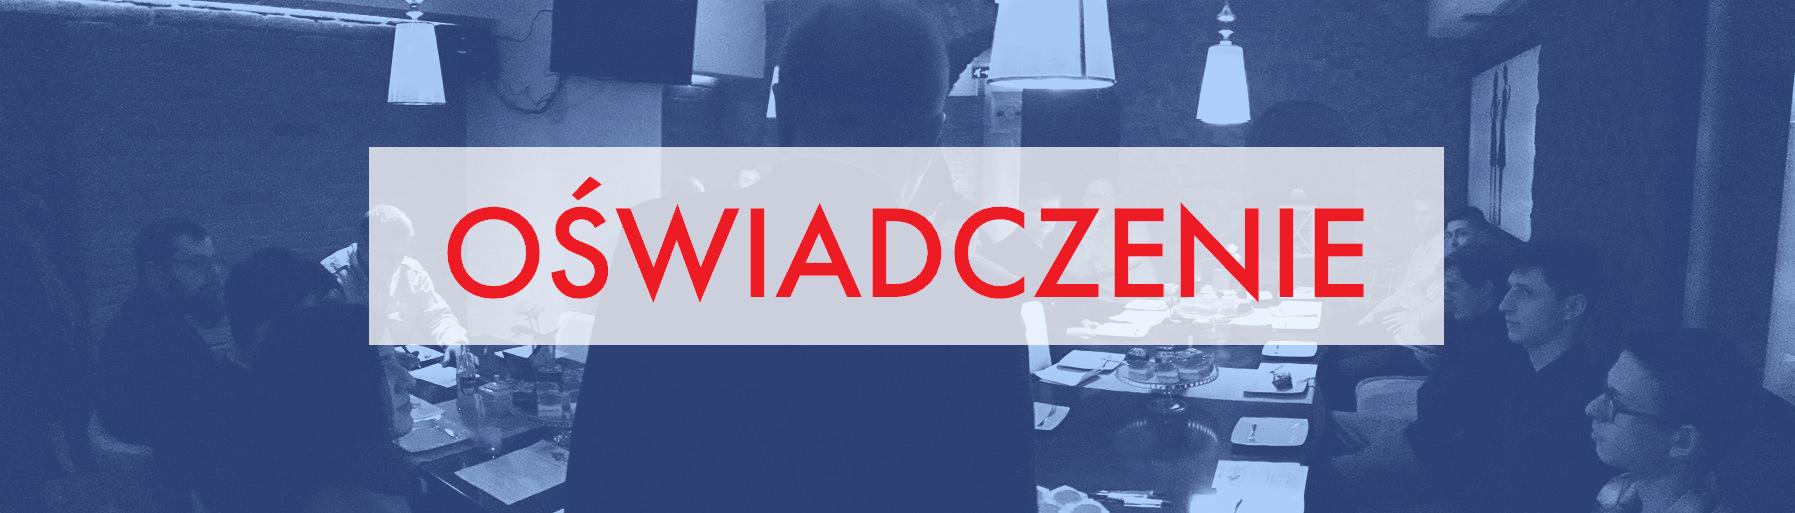 Oświadczenie Stowarzyszenia Wodzisław 2.0 ws. braku wotum zaufania dla Prezydenta